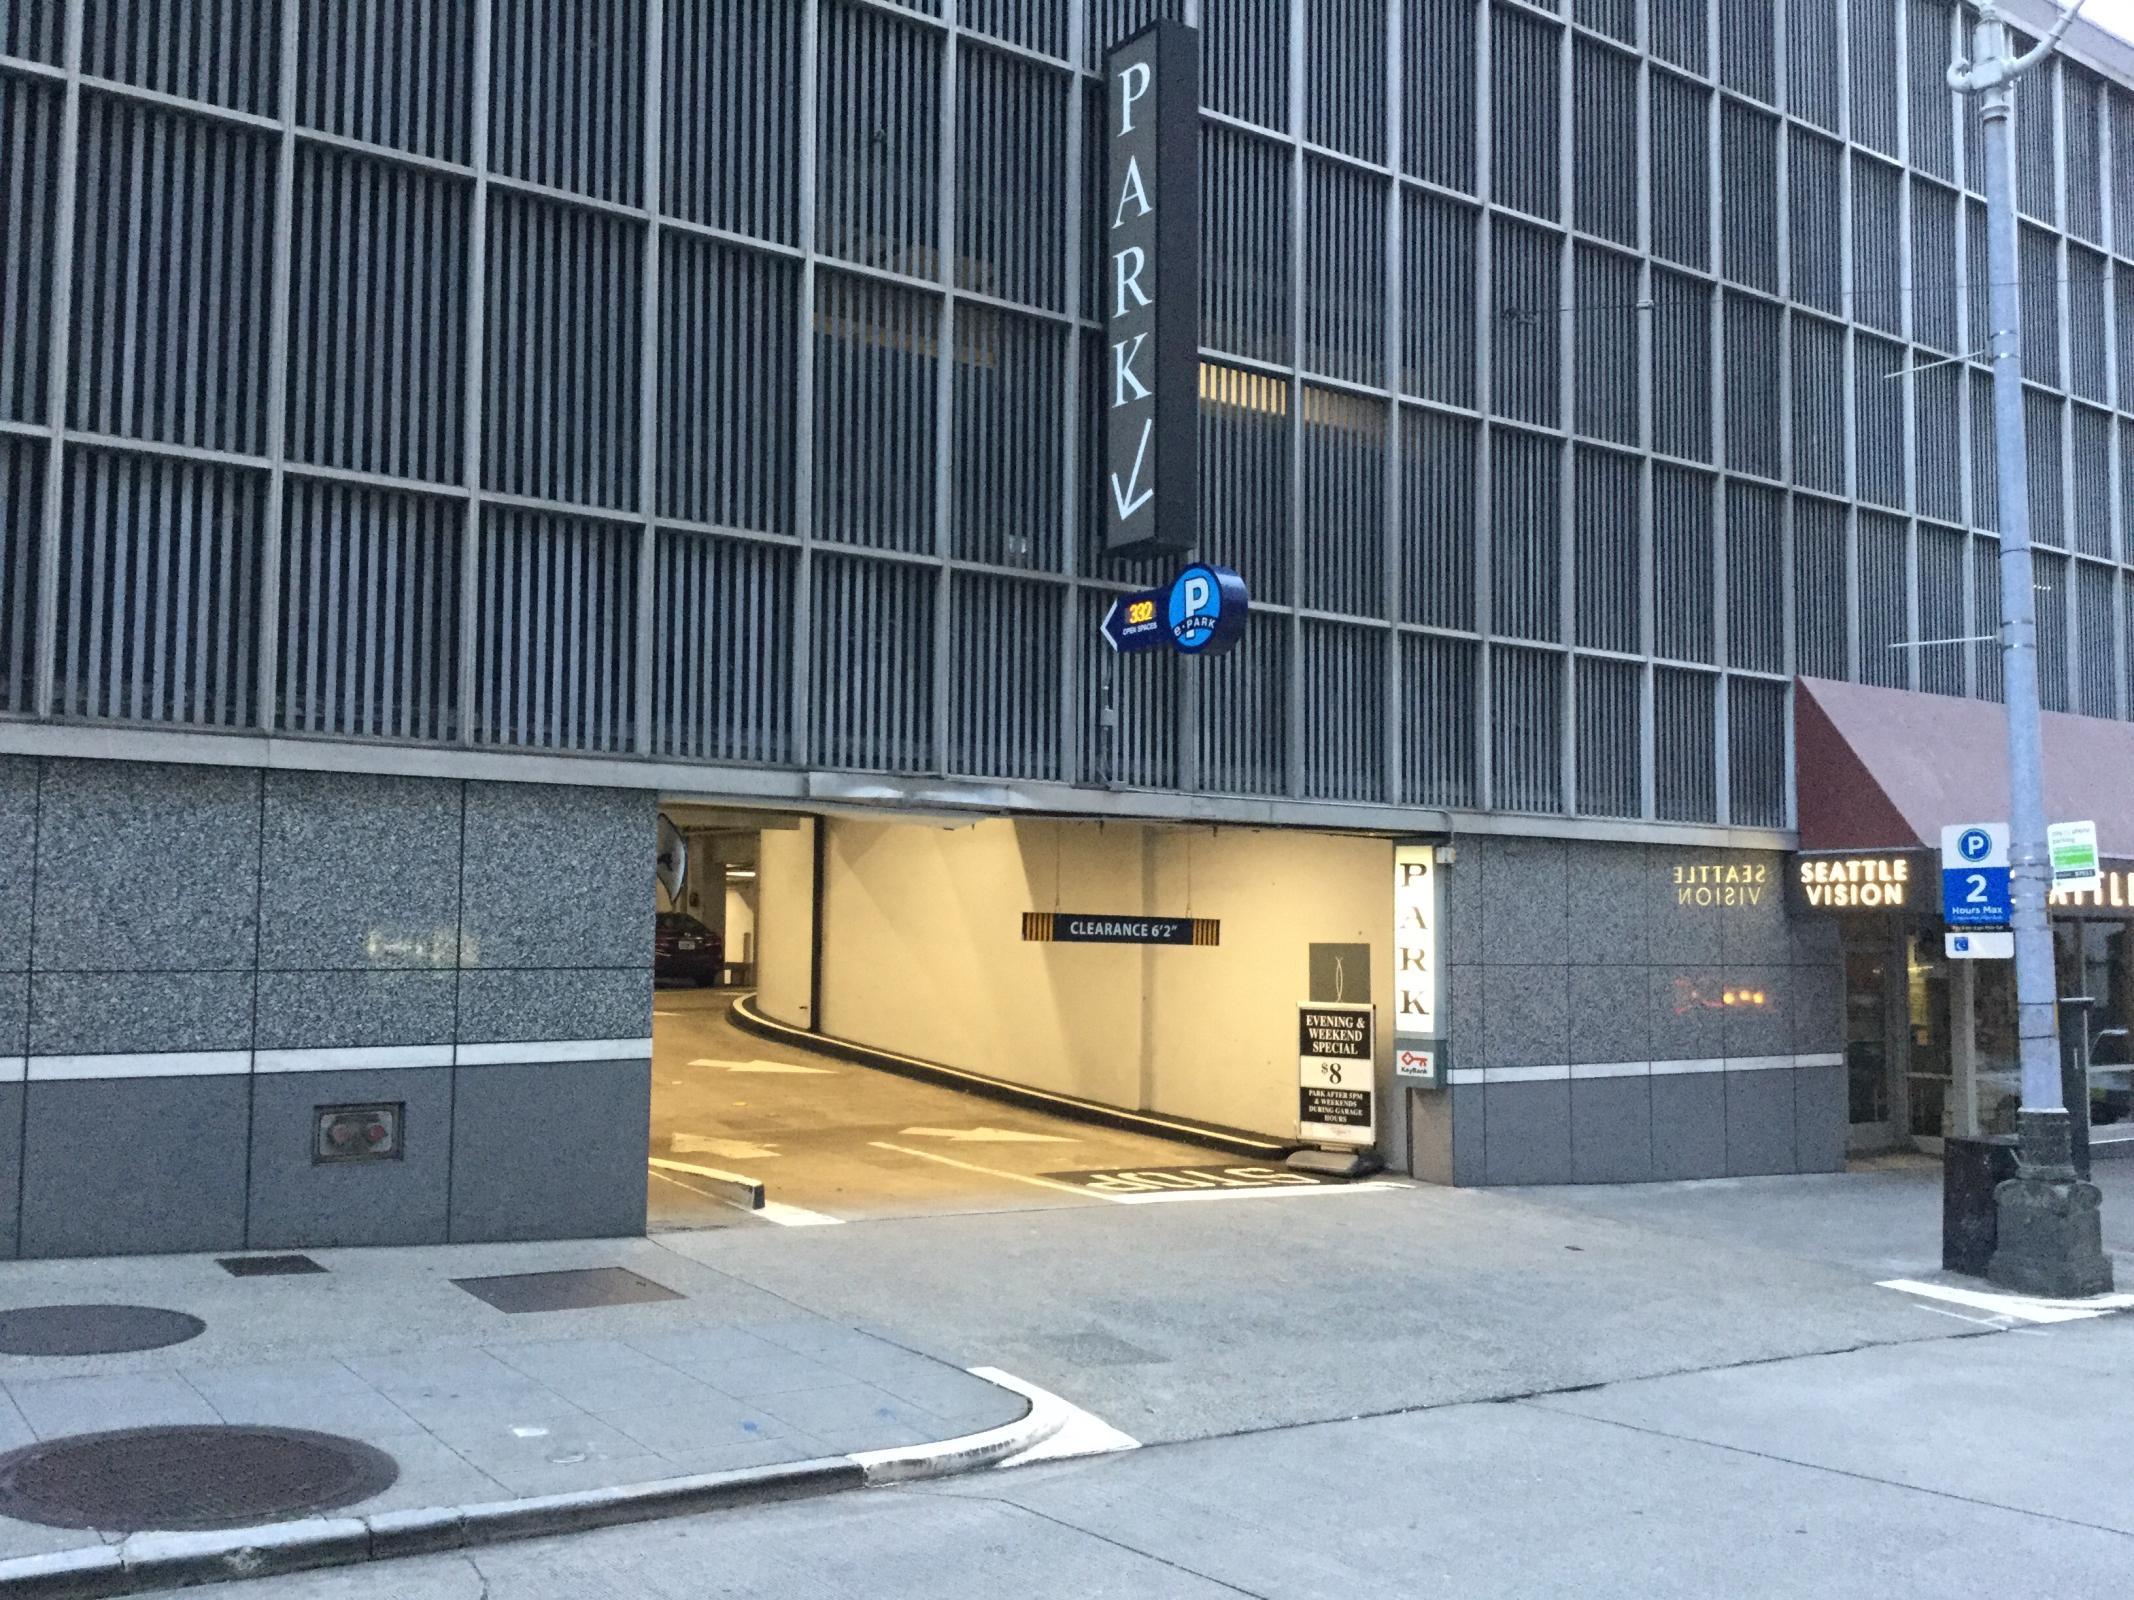 To Garage: Puget Sound Plaza / Cobb Garage - Parking In Seattle